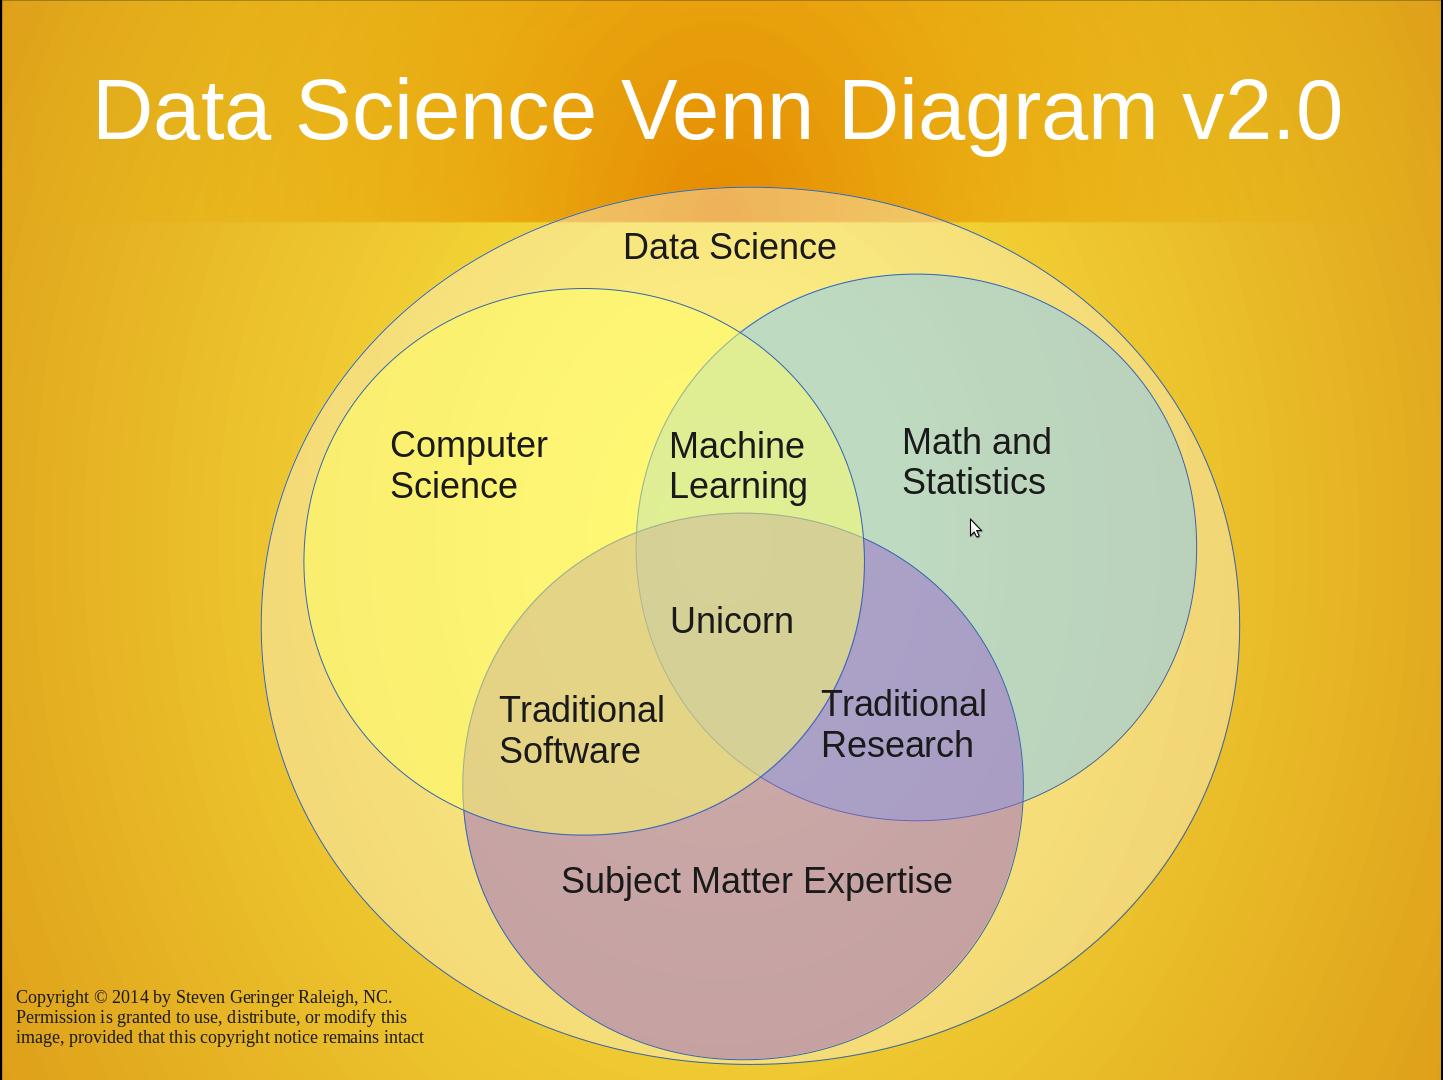 Battle of the data science venn diagrams data science battle of the data science venn diagrams data science pinterest data science pooptronica